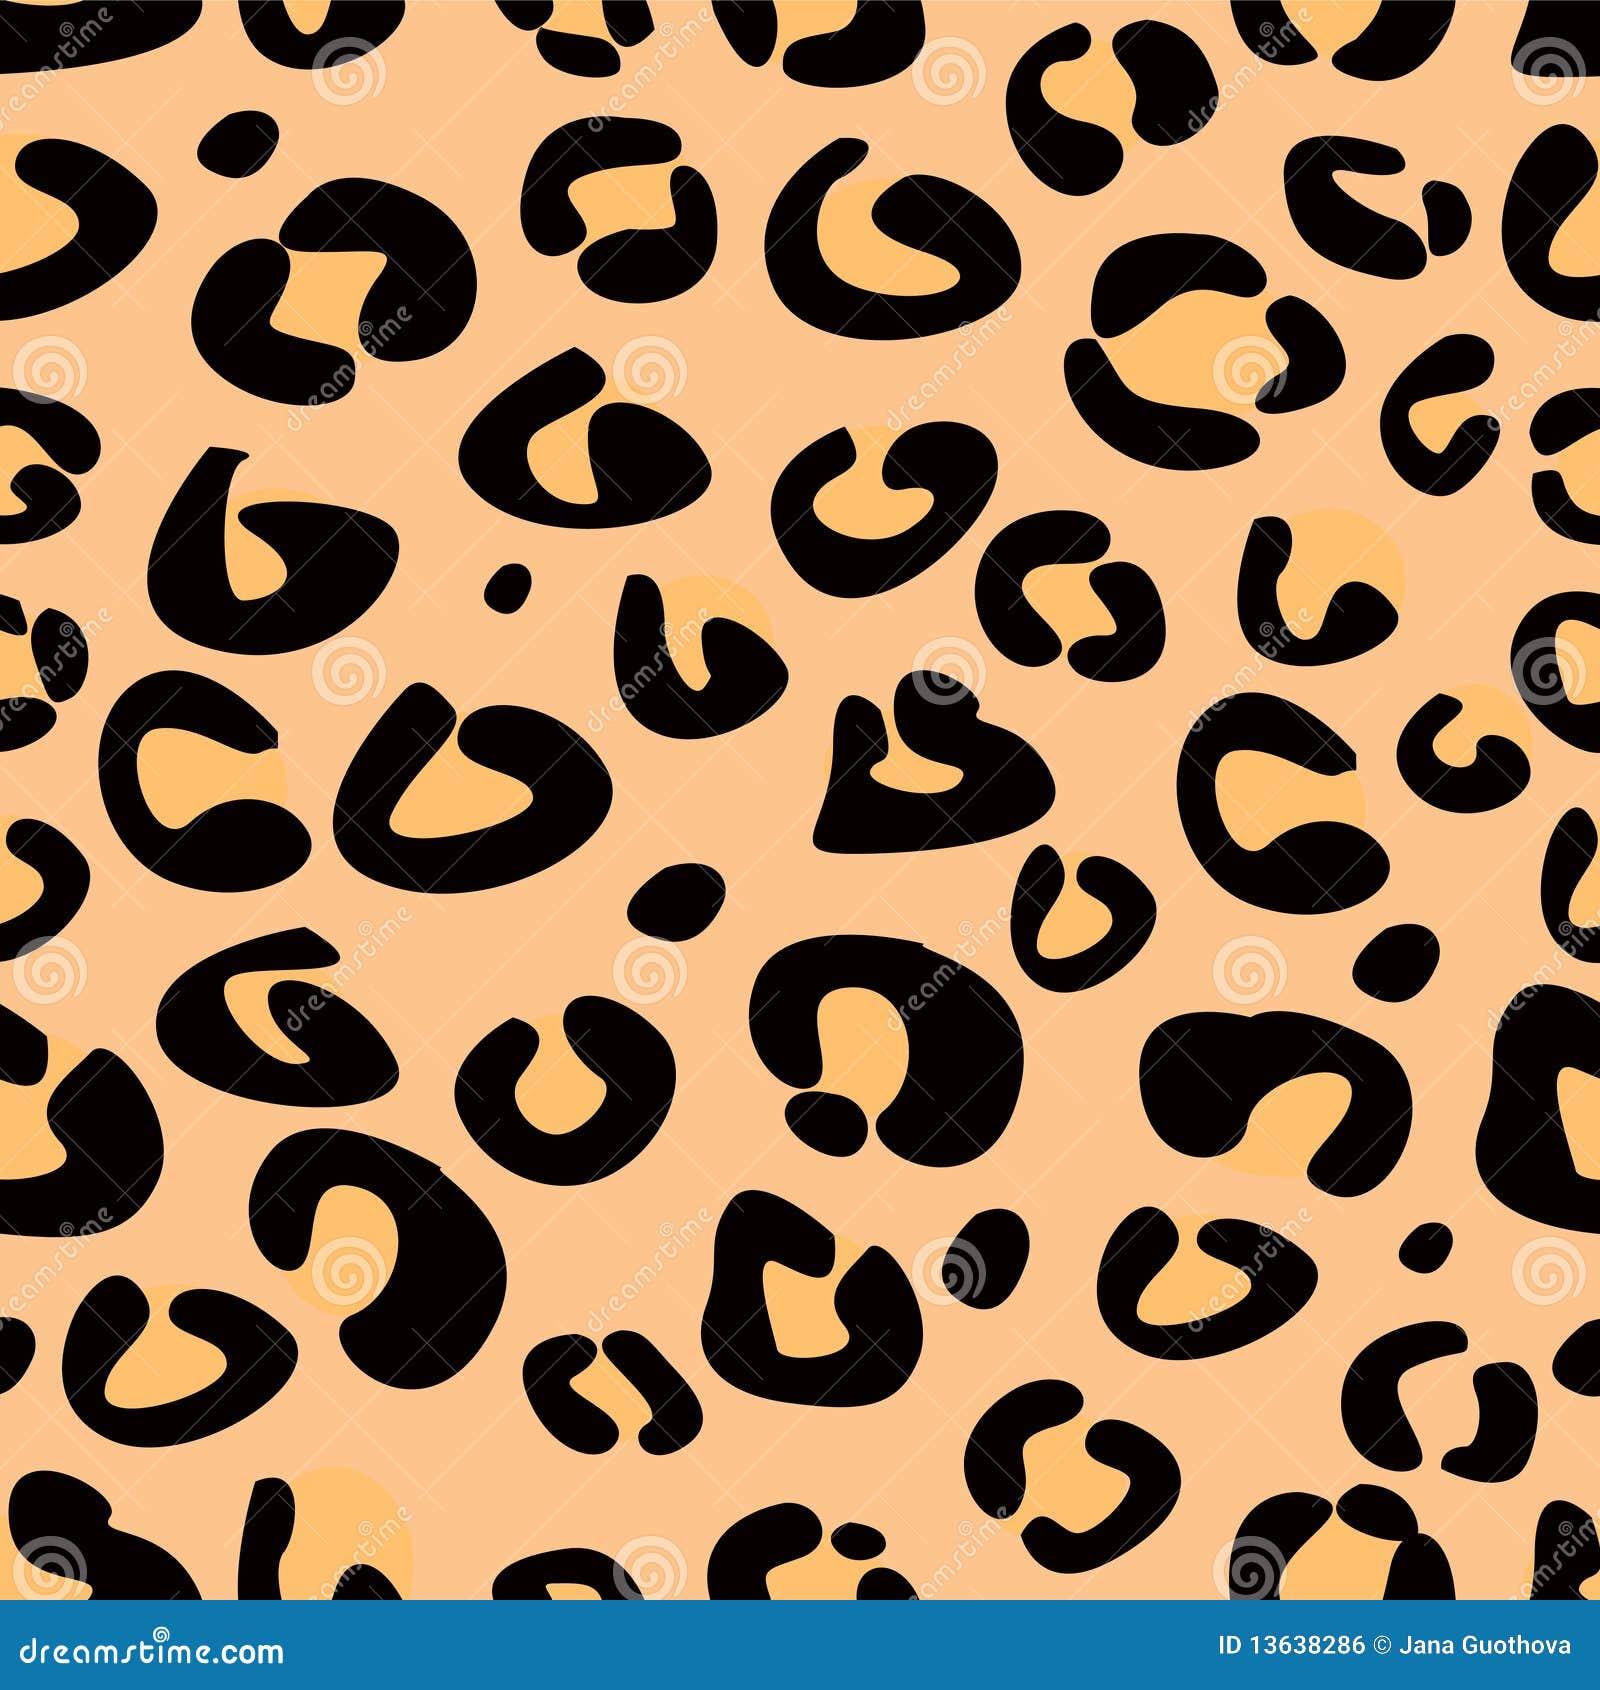 Leopard seamless texture